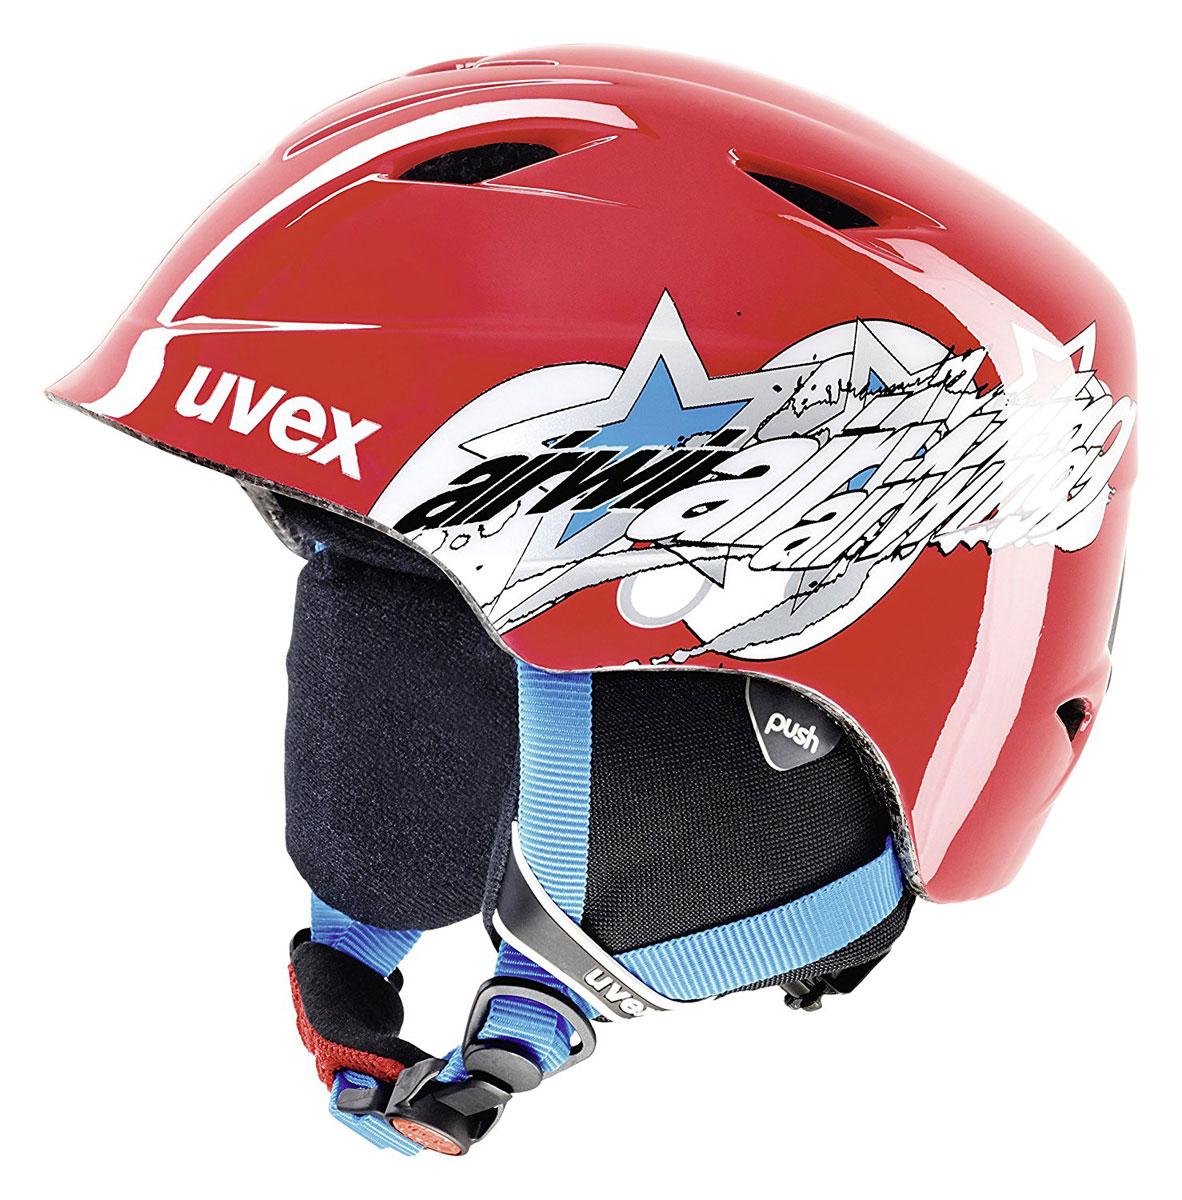 Шлем зимний Uvex  Airwing 2 , детский, цвет: красный. Размер XXS - Горные лыжи